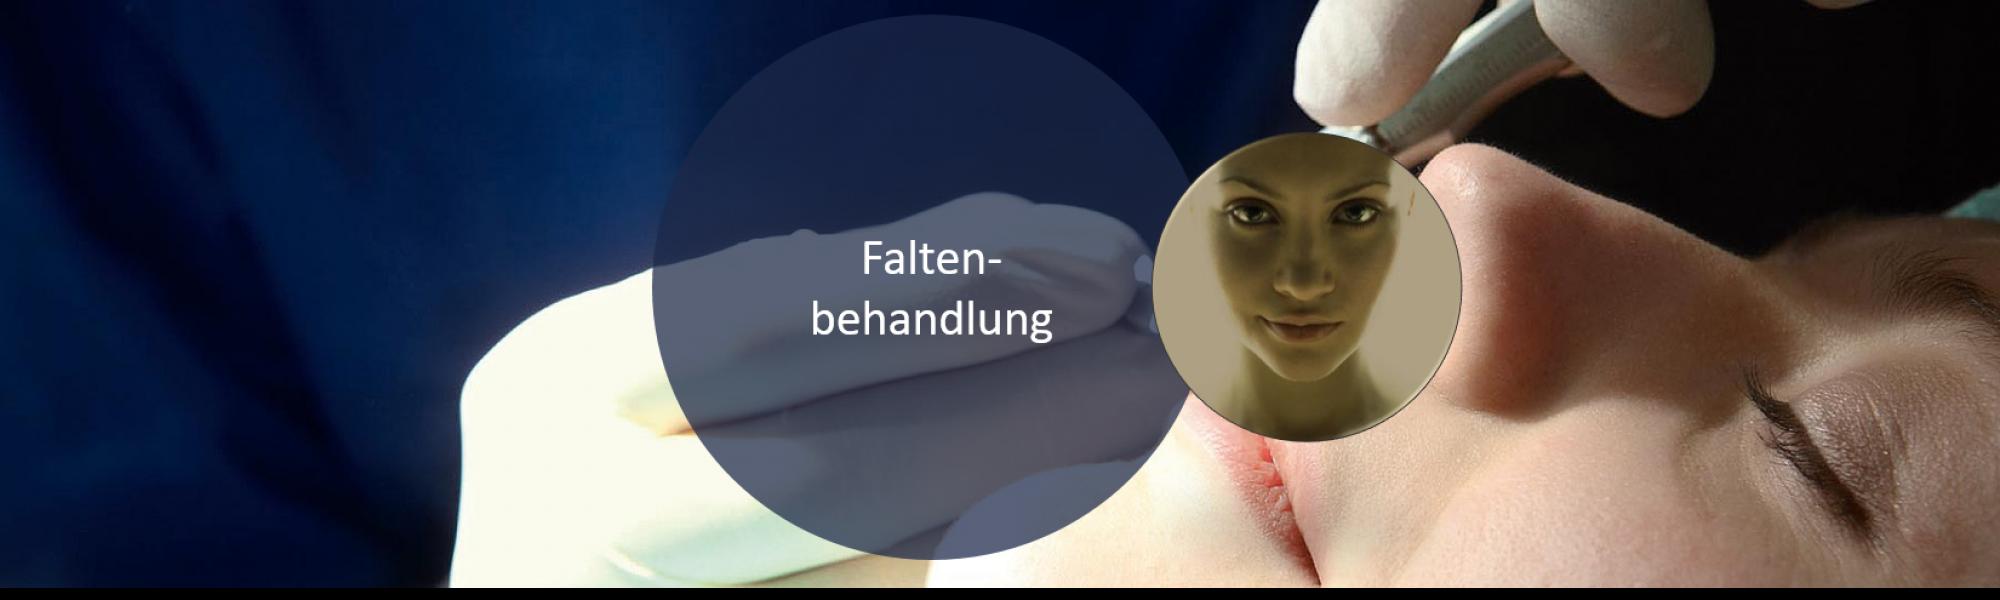 Ästhetische Gesichtschirurgie Faltenbehandlung bei Groisman Laube